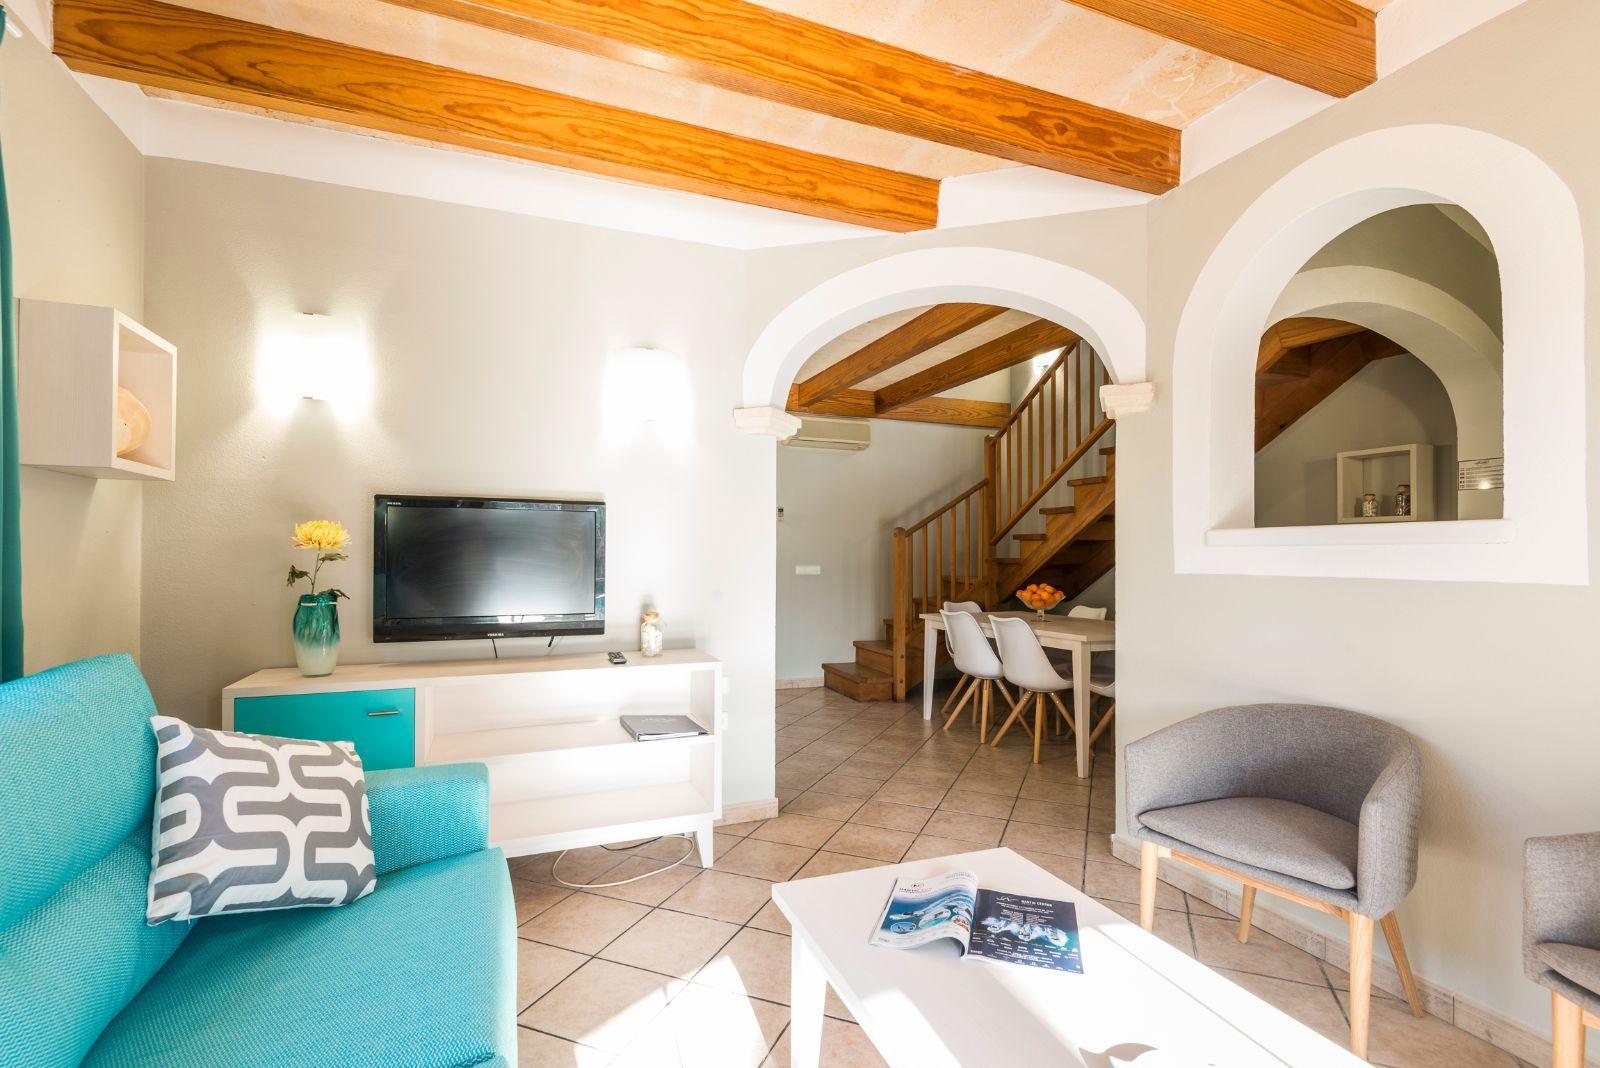 Villas Maribel - Apartamentos Maribel - Cala Blanca - Ciutadella